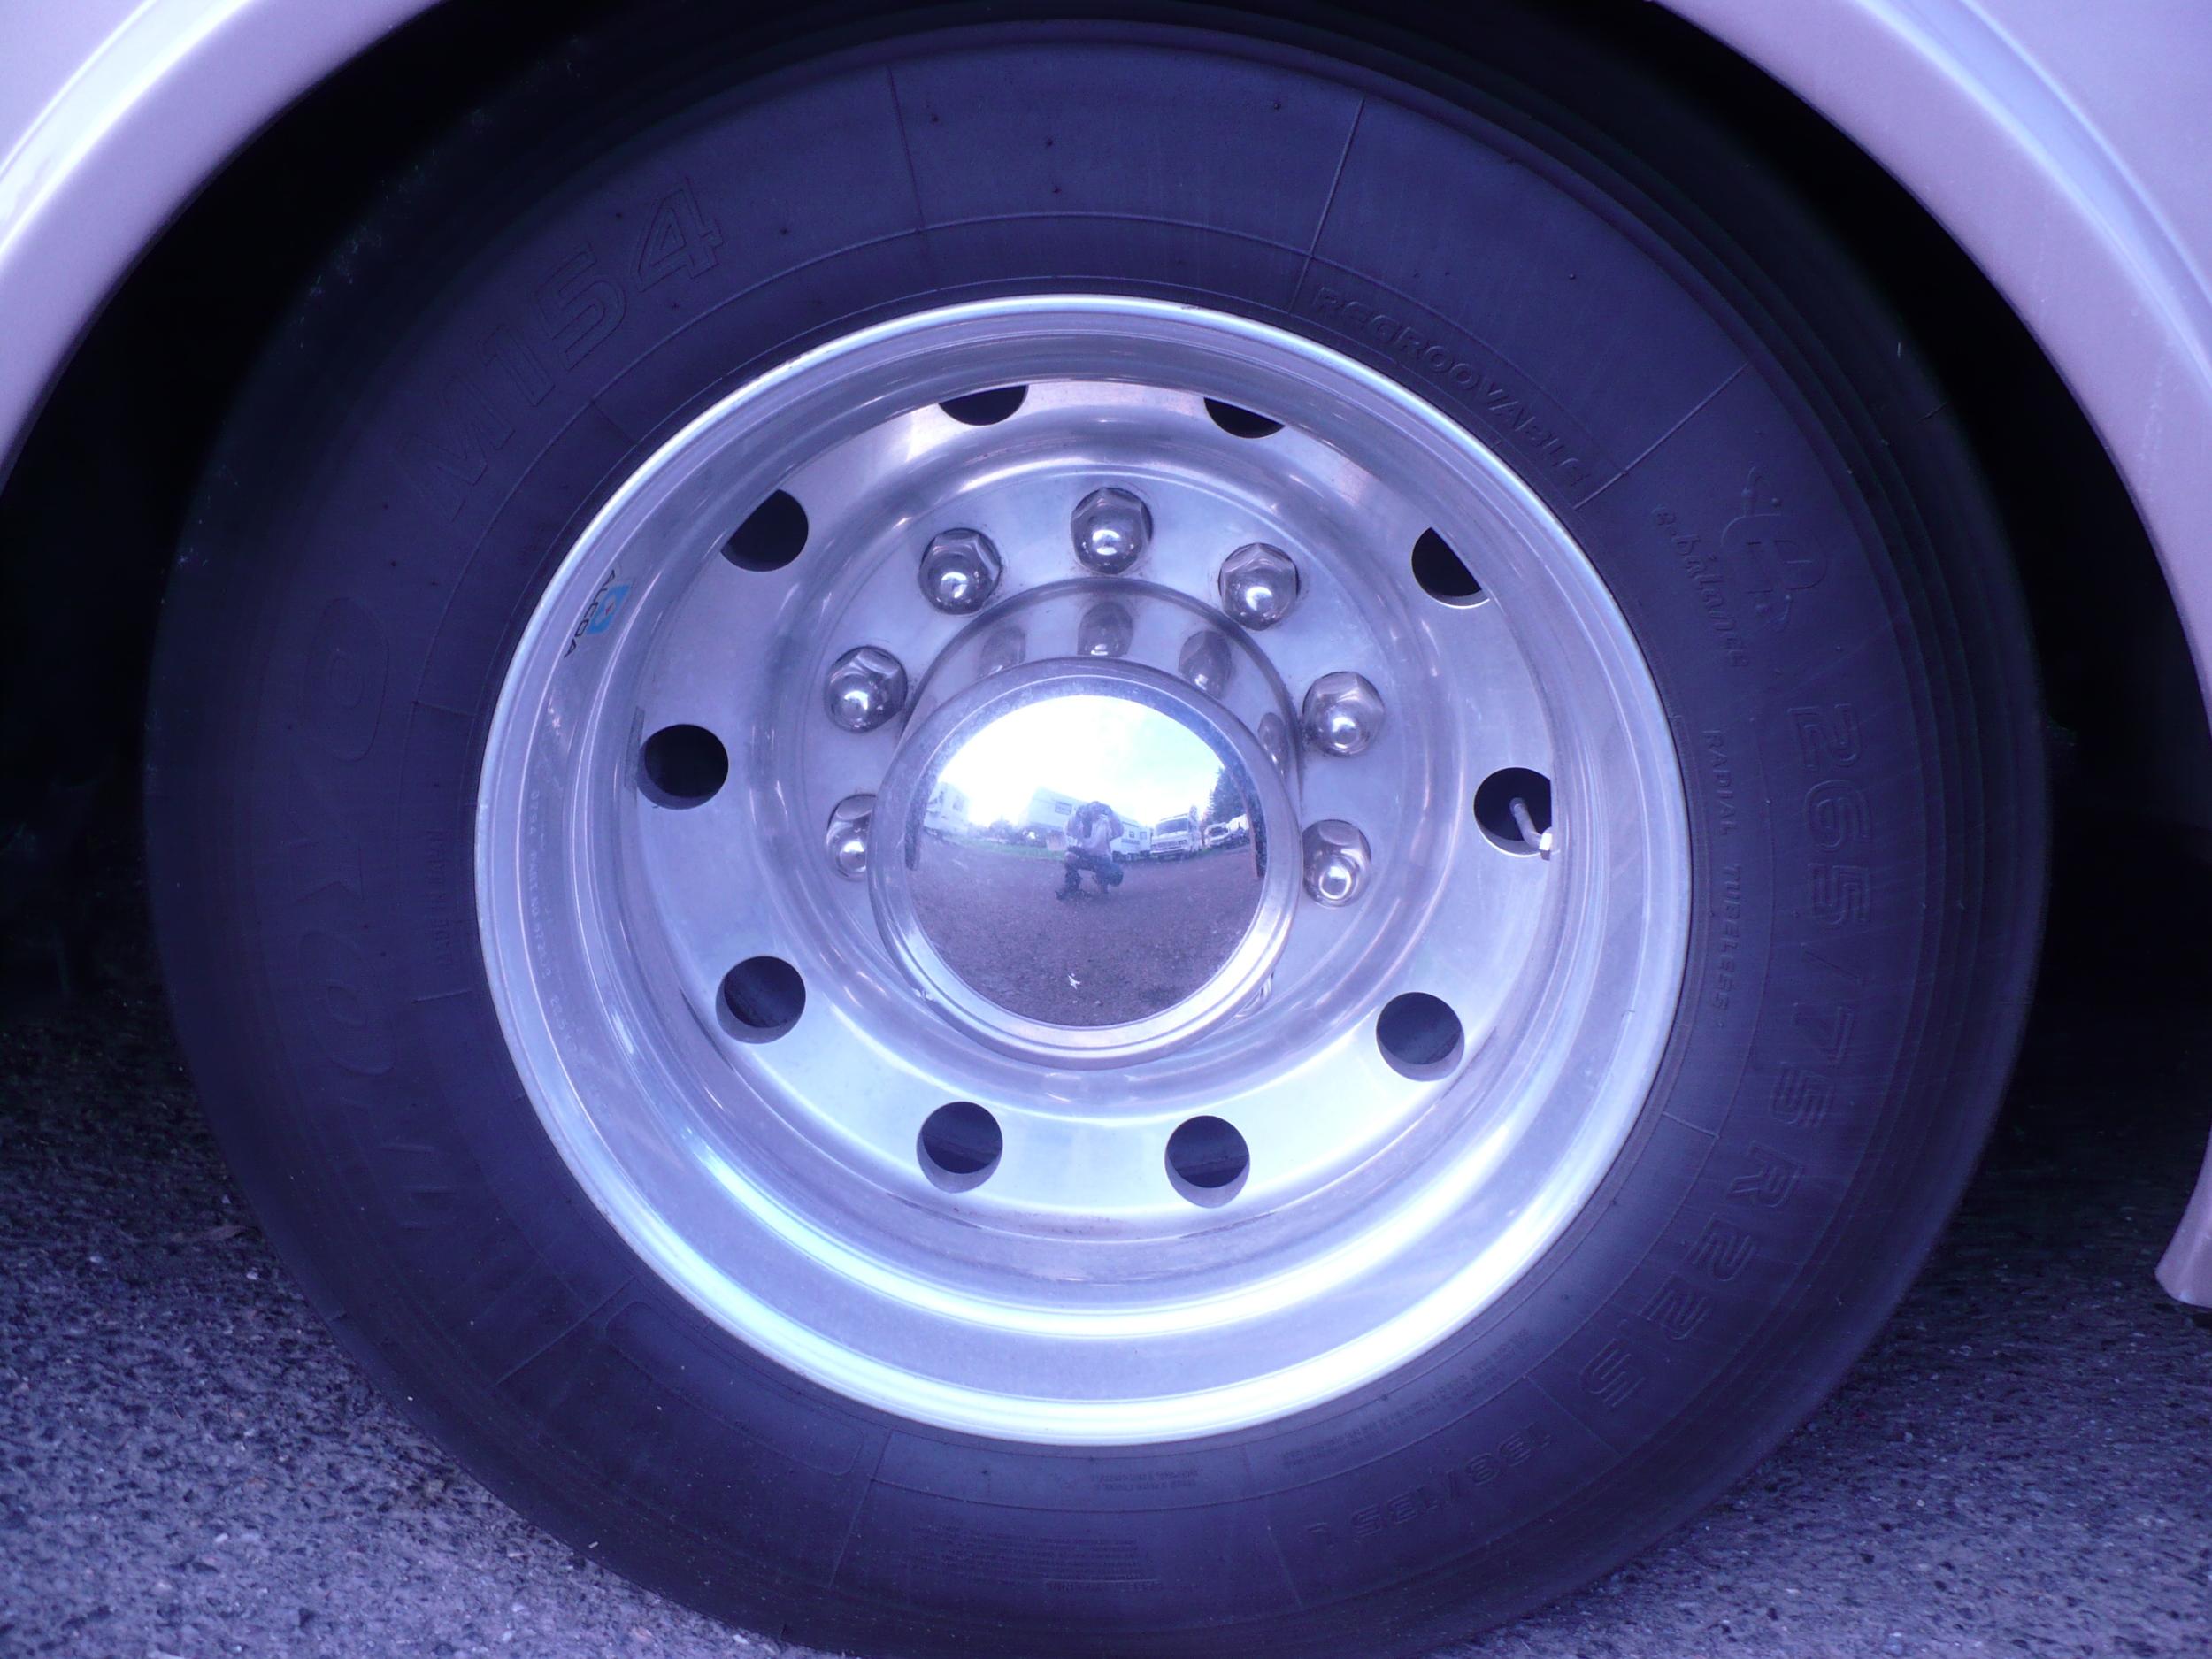 22 - COACH ALLEGRO BUS - Rear wheel antes de pulir.JPG